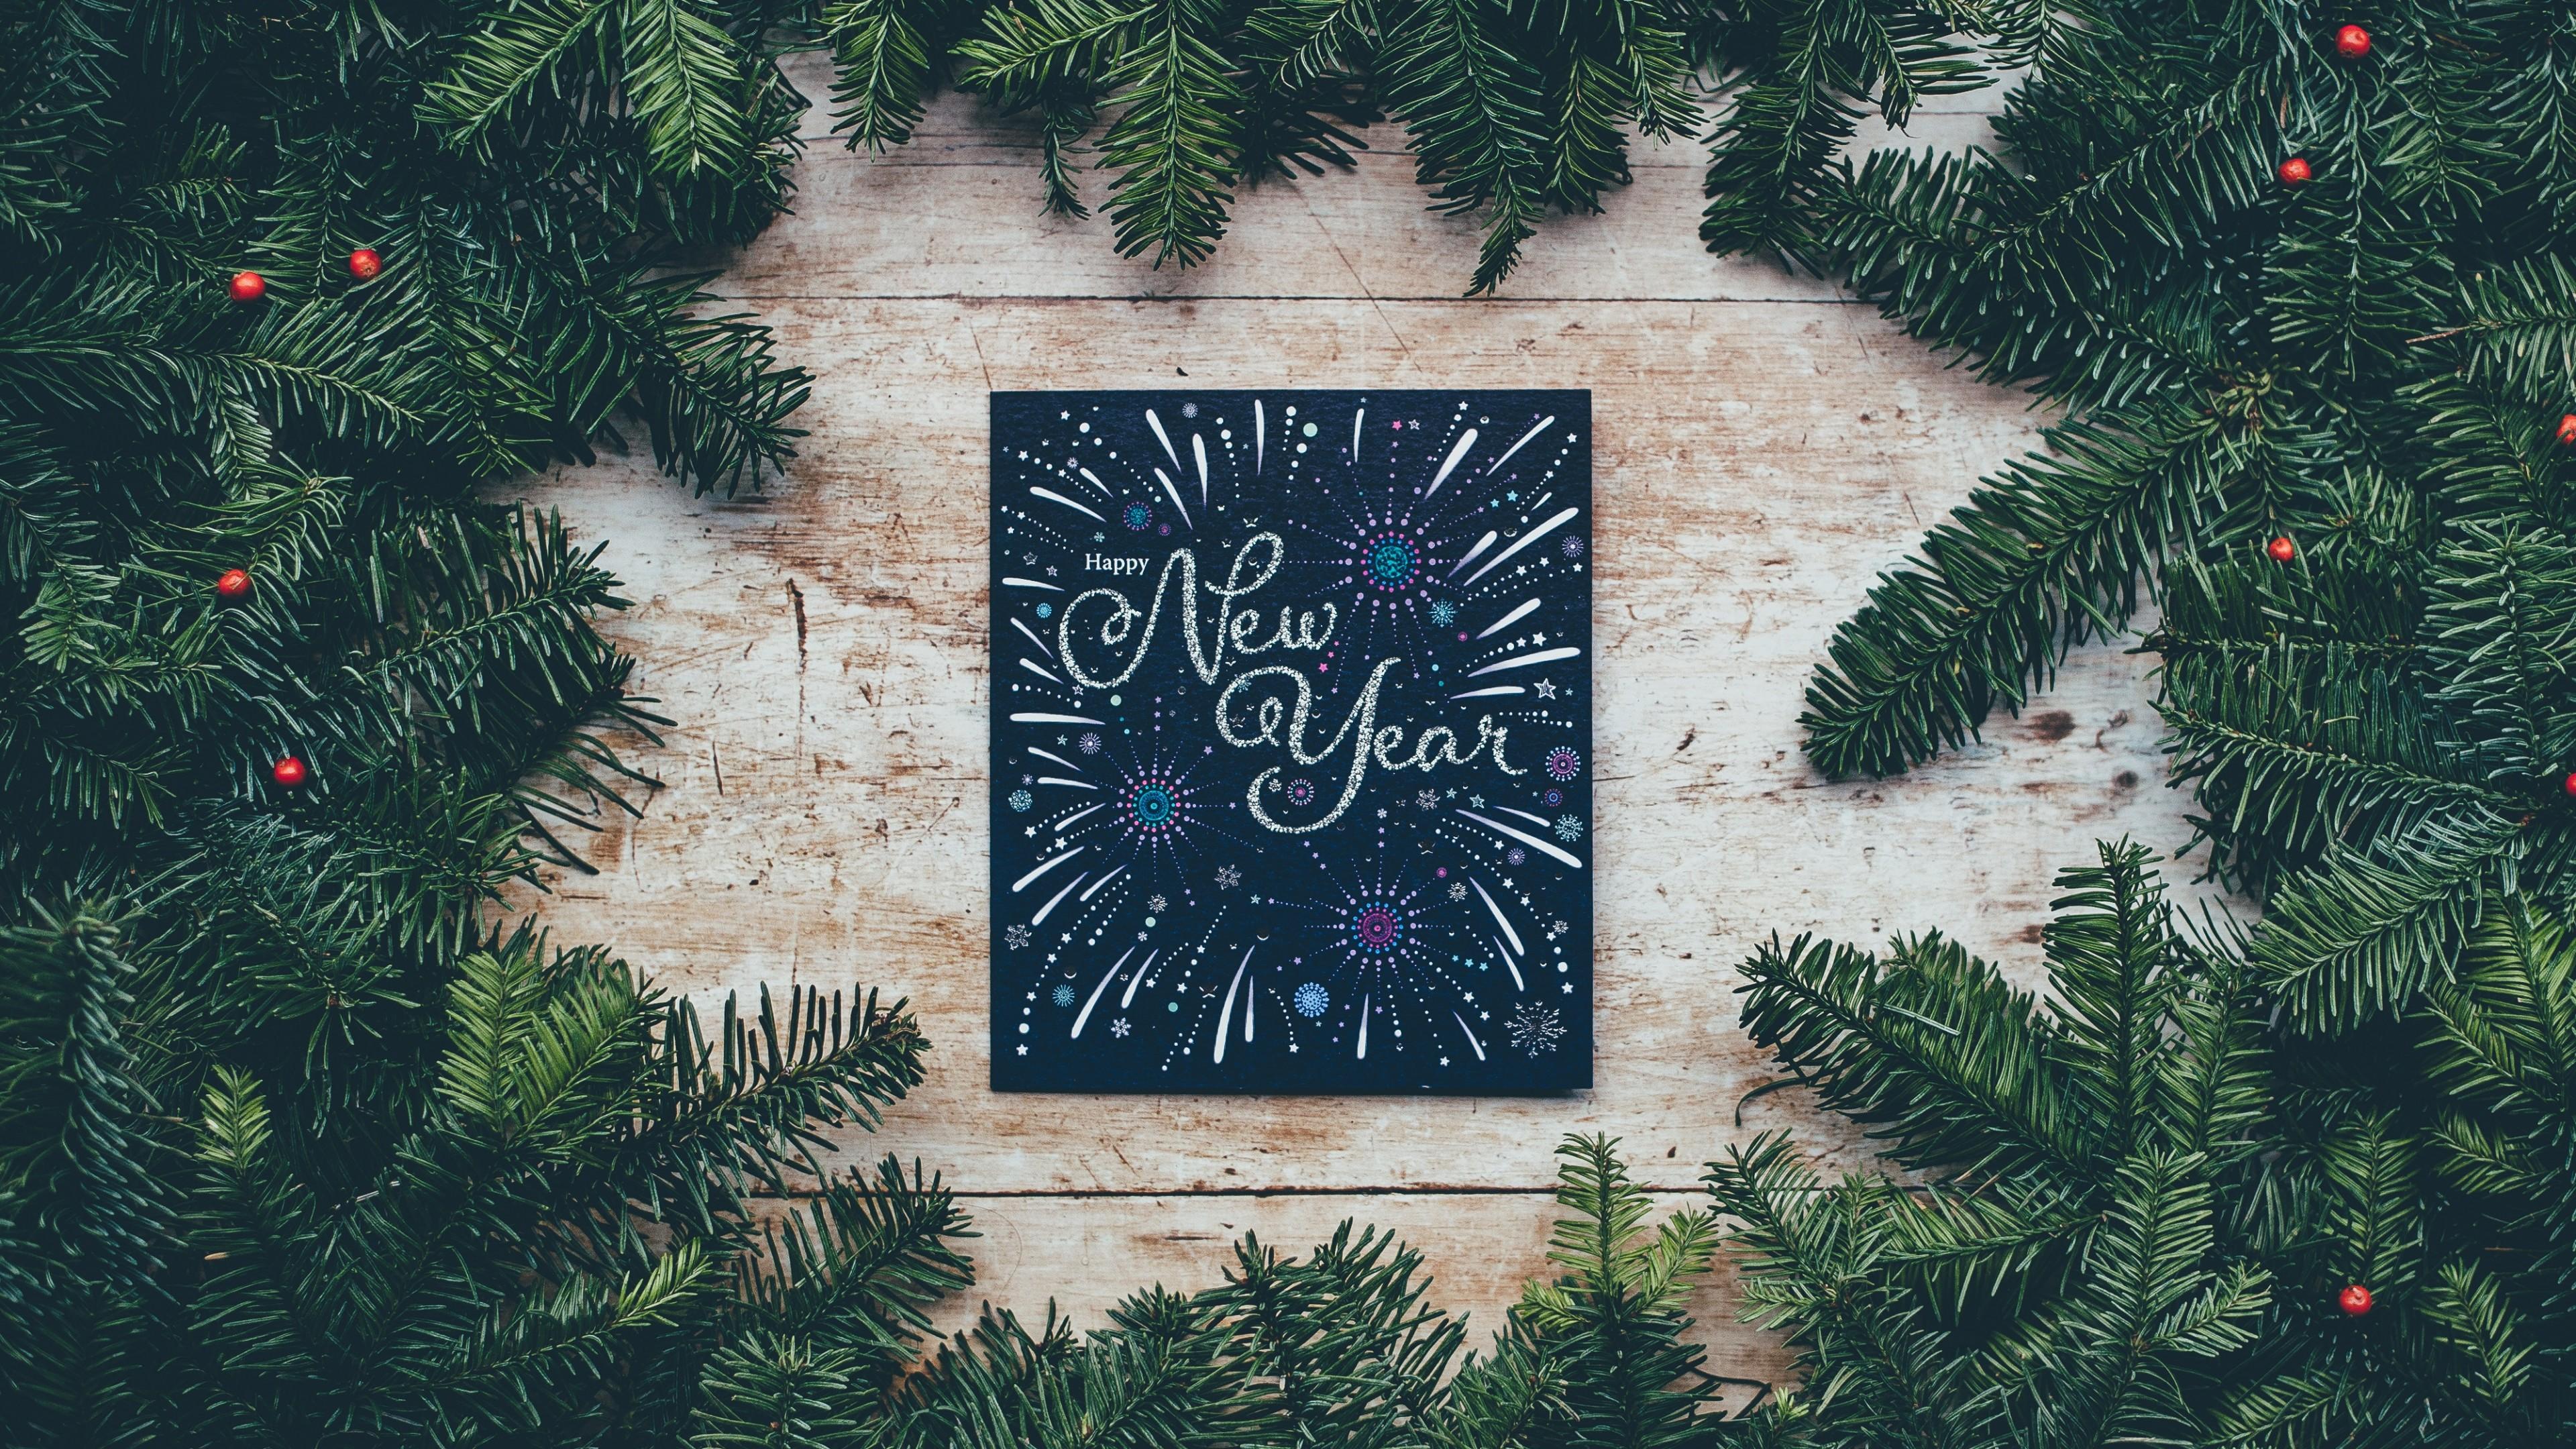 Новогодняя картина с фейерверками и салютами среди пушистых сосновых веток